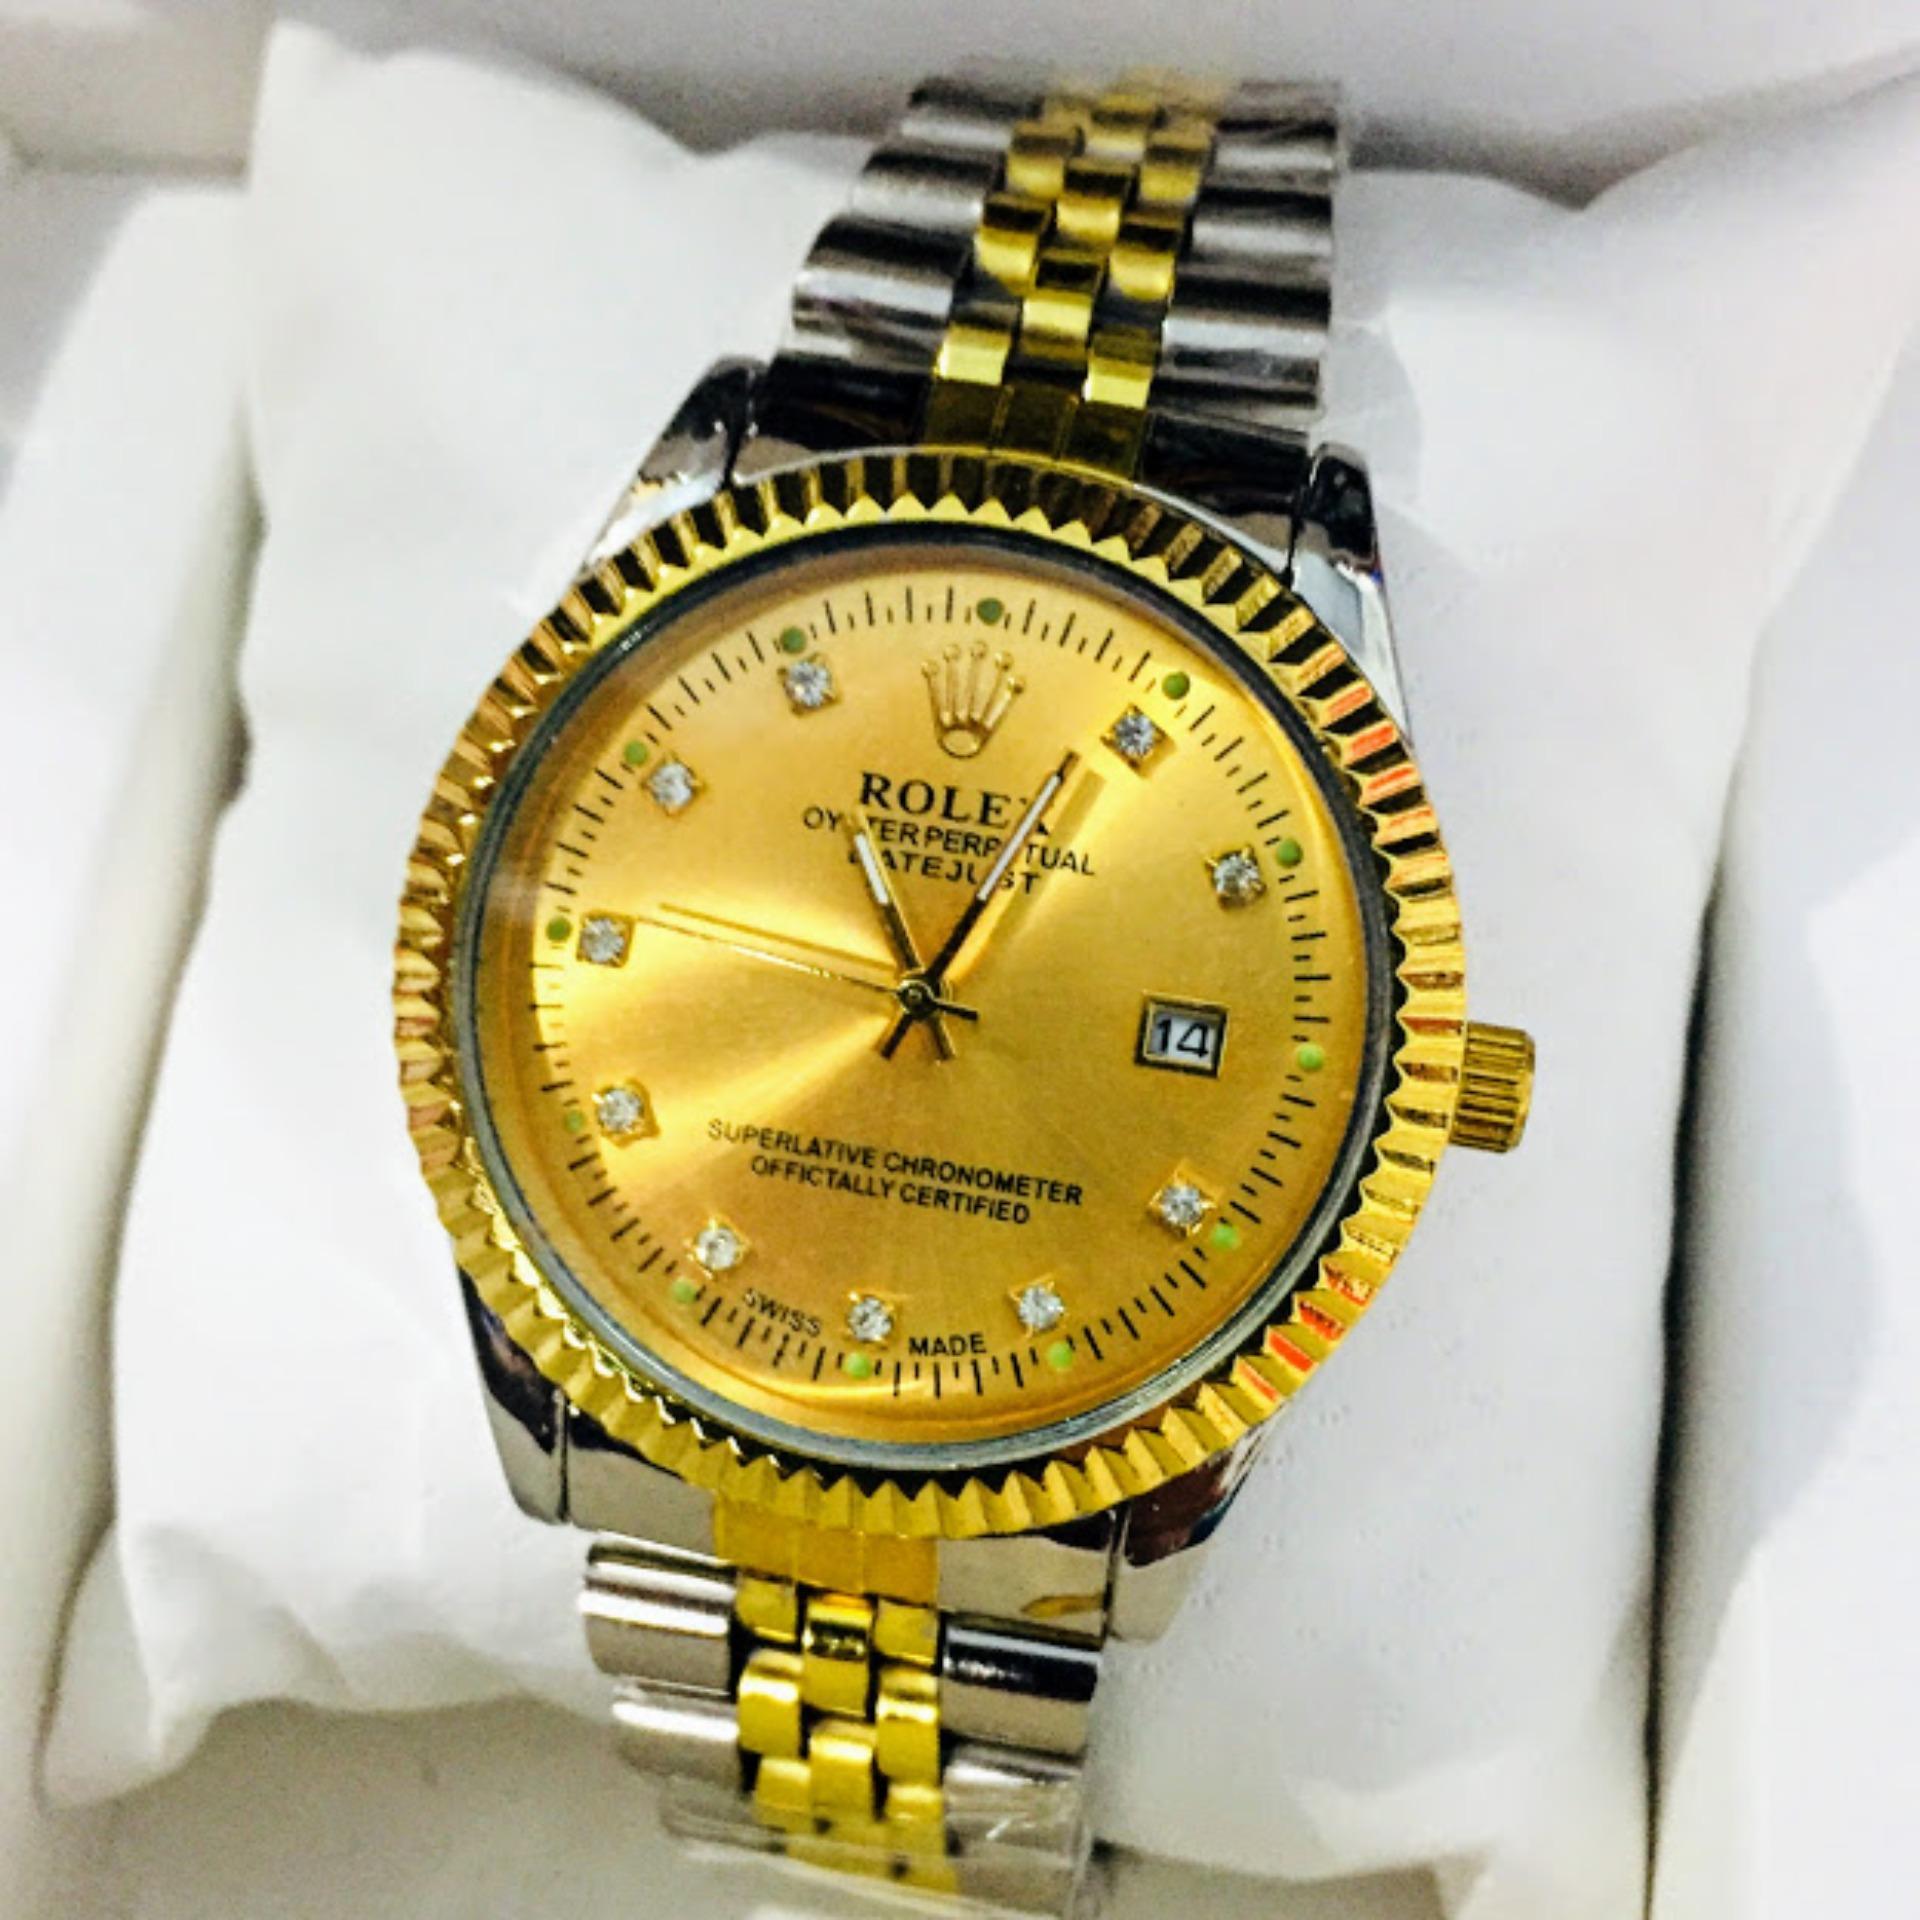 Giá Bán Đồng Hồ Rolex Day Kim Loại Thời Trang Sang Trọng Mới Rẻ